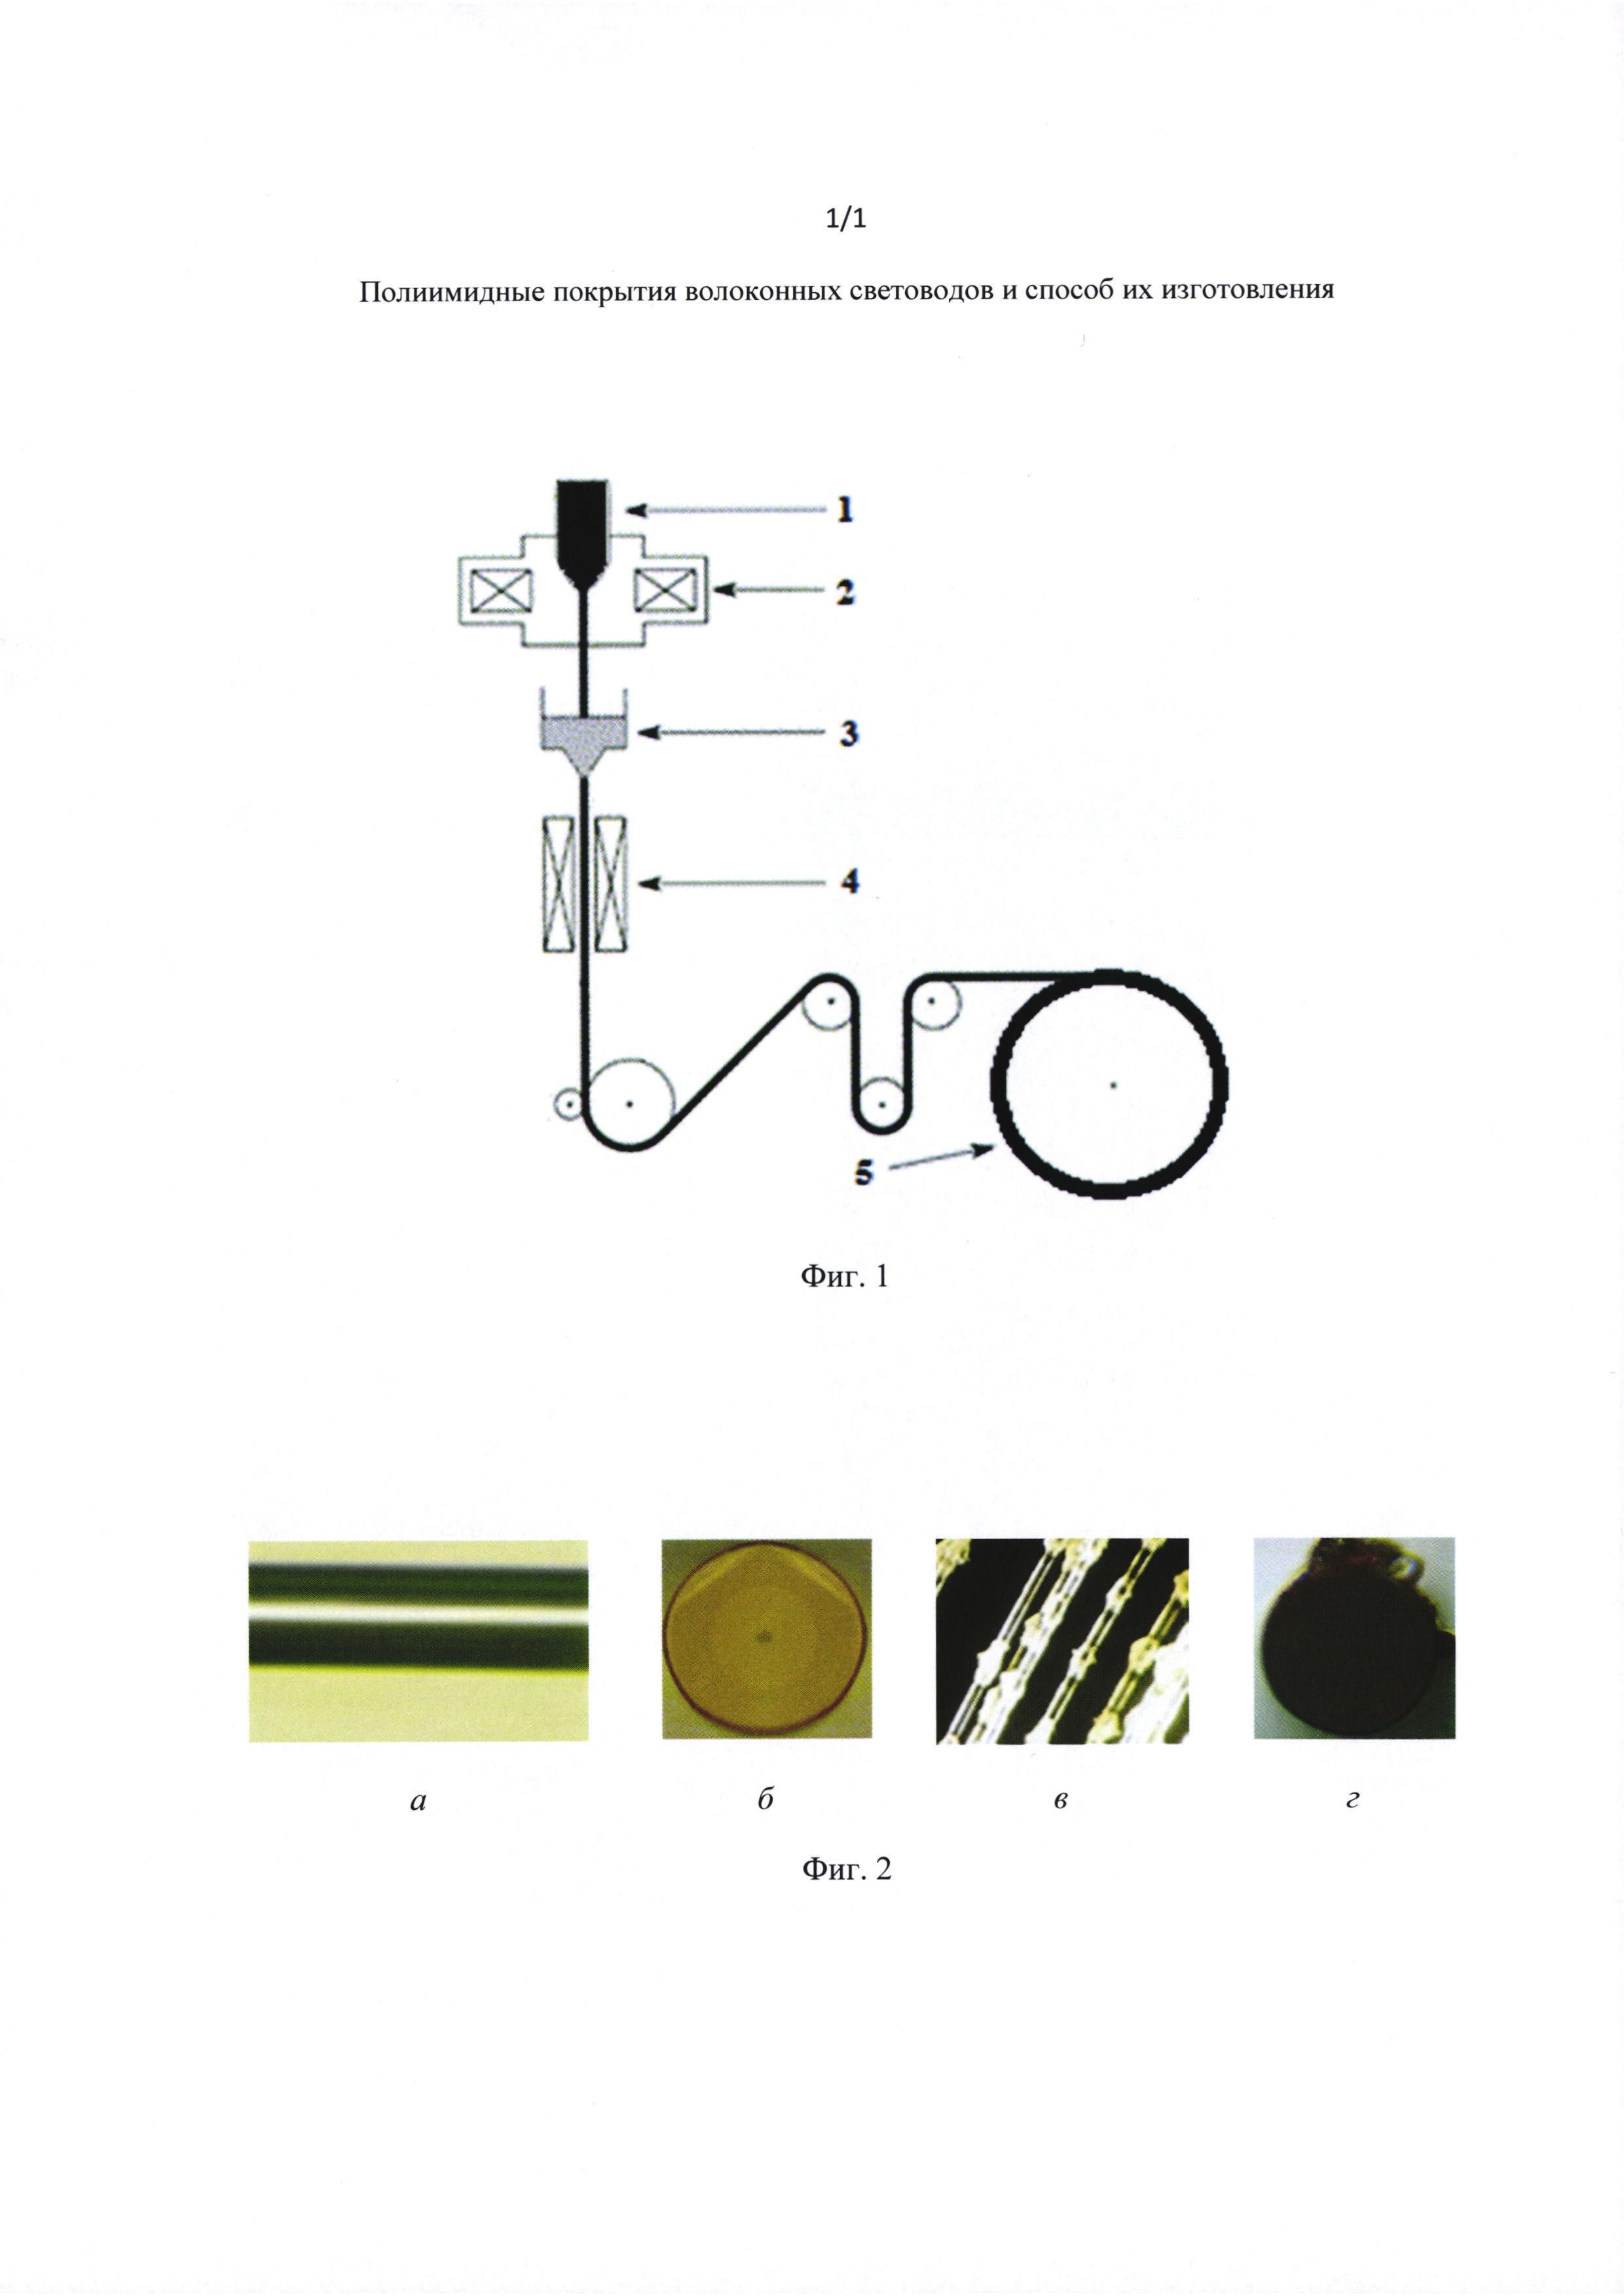 Полиимидное покрытие волоконных световодов и способ его изготовления